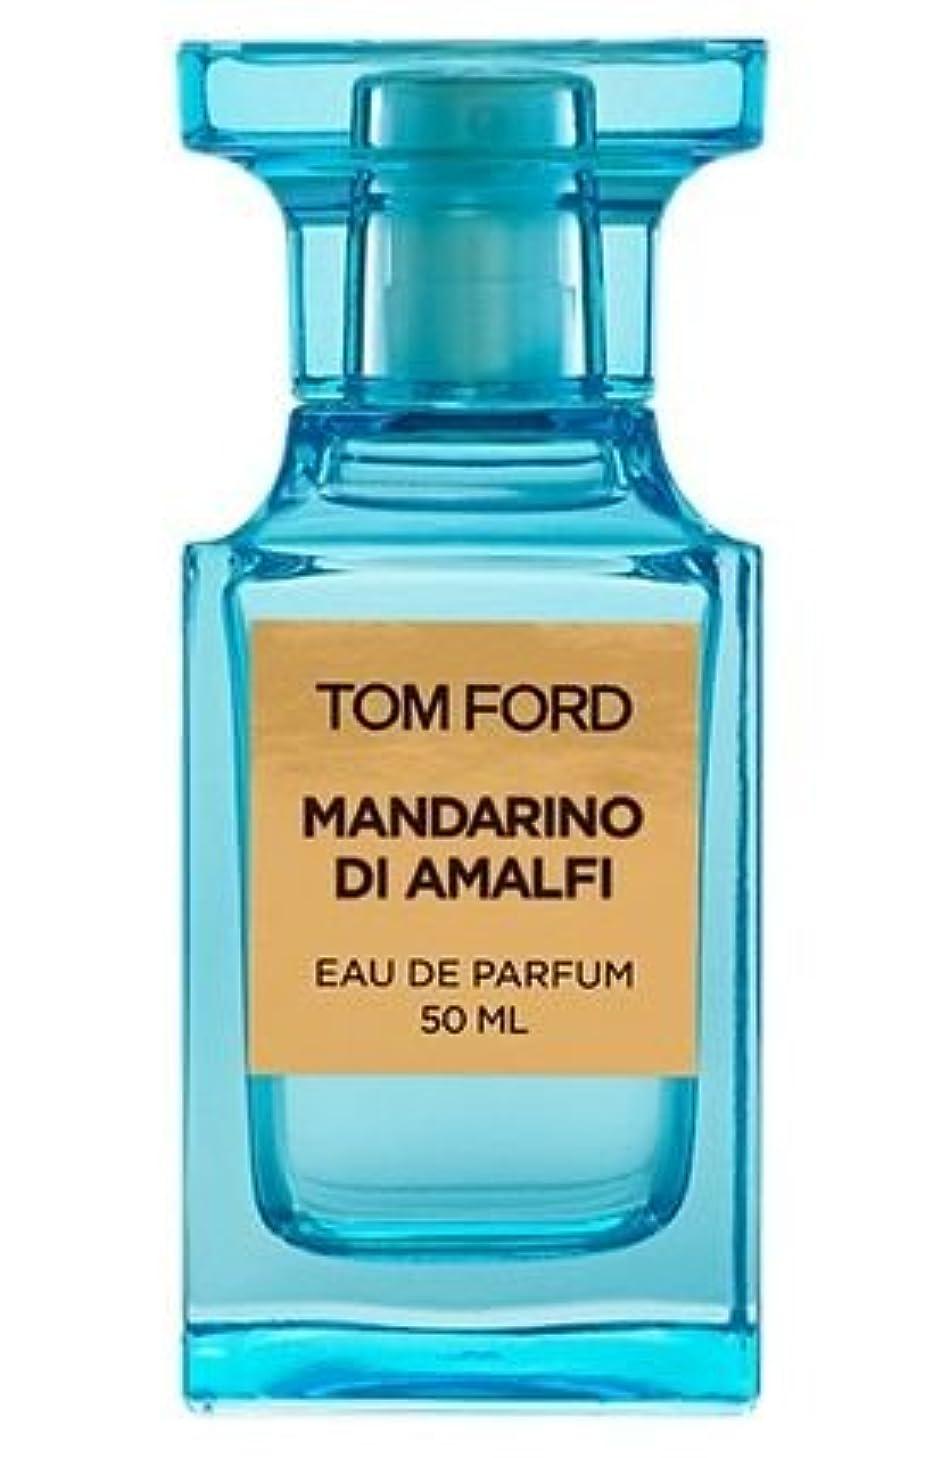 最後のひそかに孤独なトムフォード TOM FORD 香水 マンダリーノ ディ アマルフィ パルファム 50ml メンズ/レディース [並行輸入品]